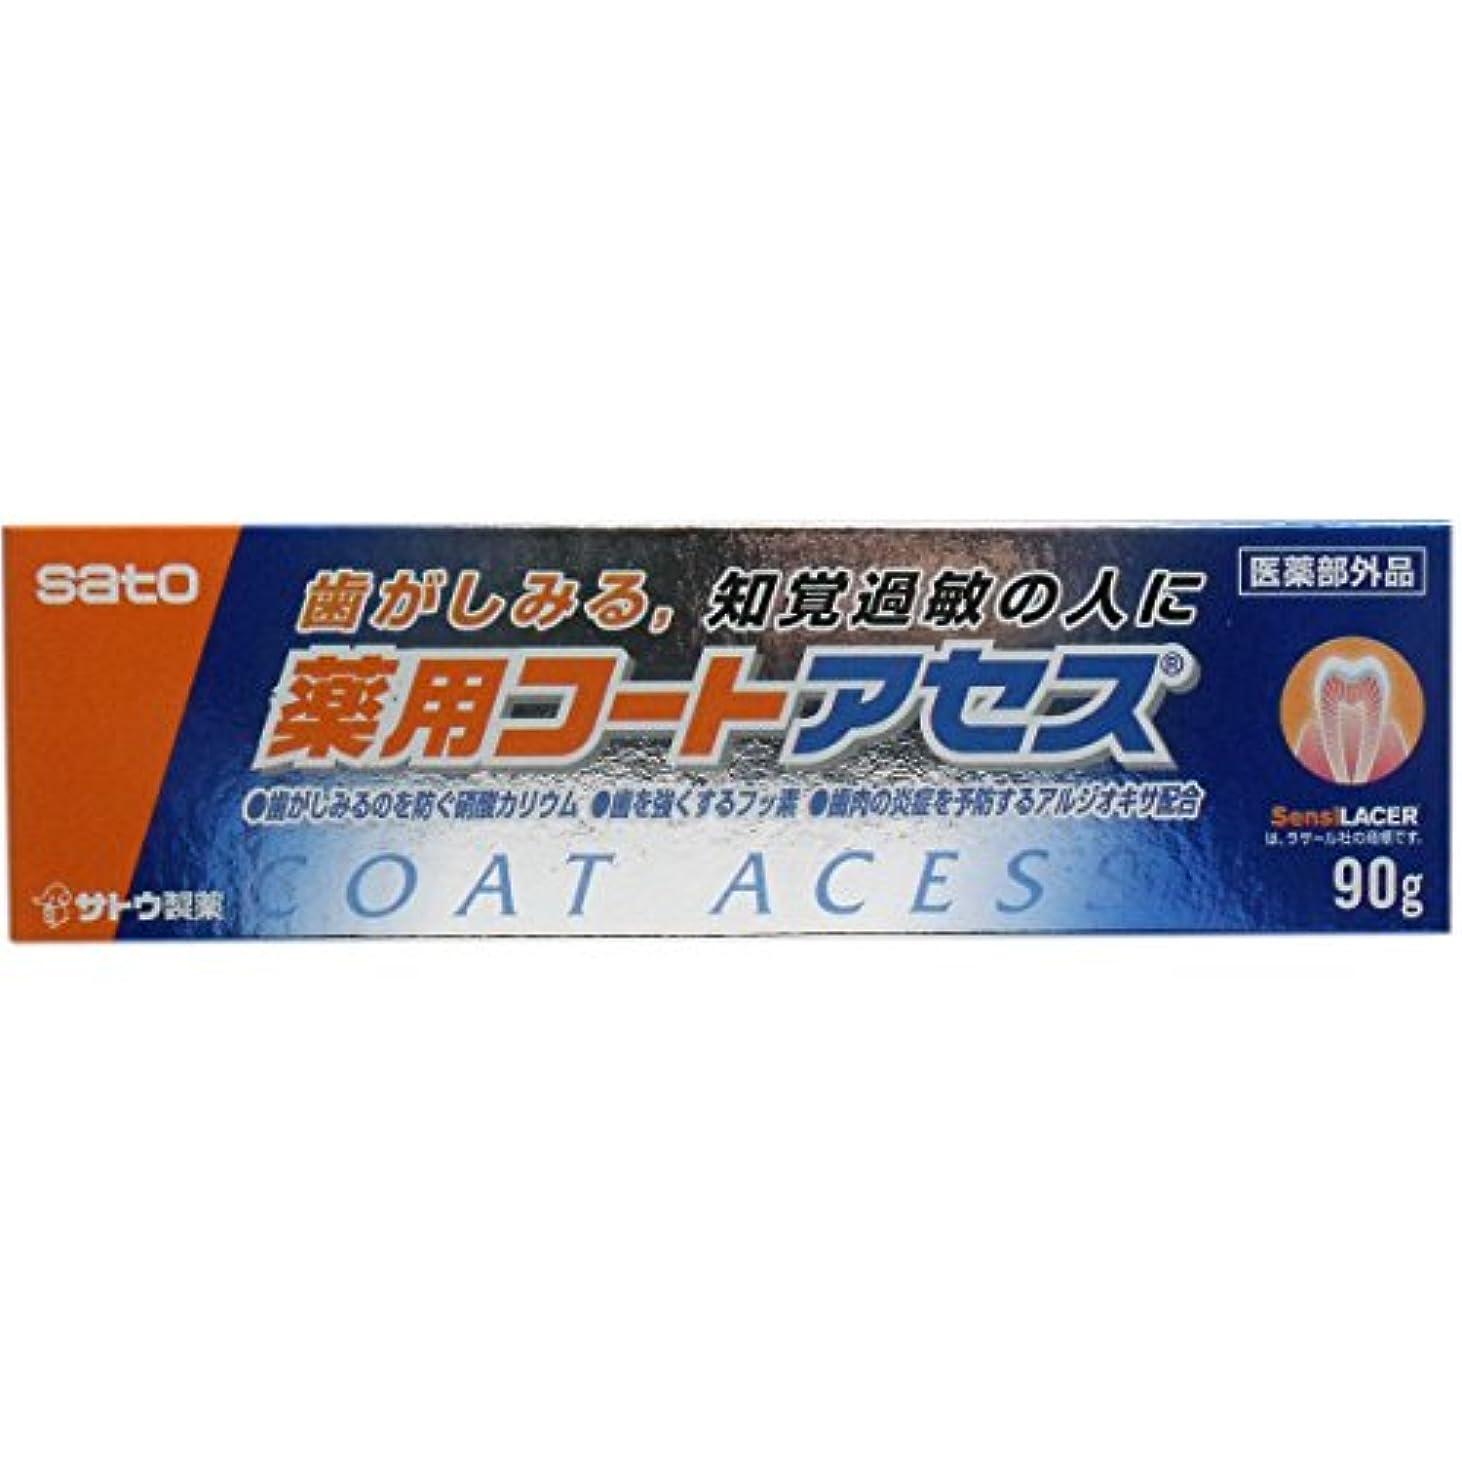 壮大プロットしばしばサトウ製薬 薬用コートアセス 薬用歯みがき 90g ×8個セット